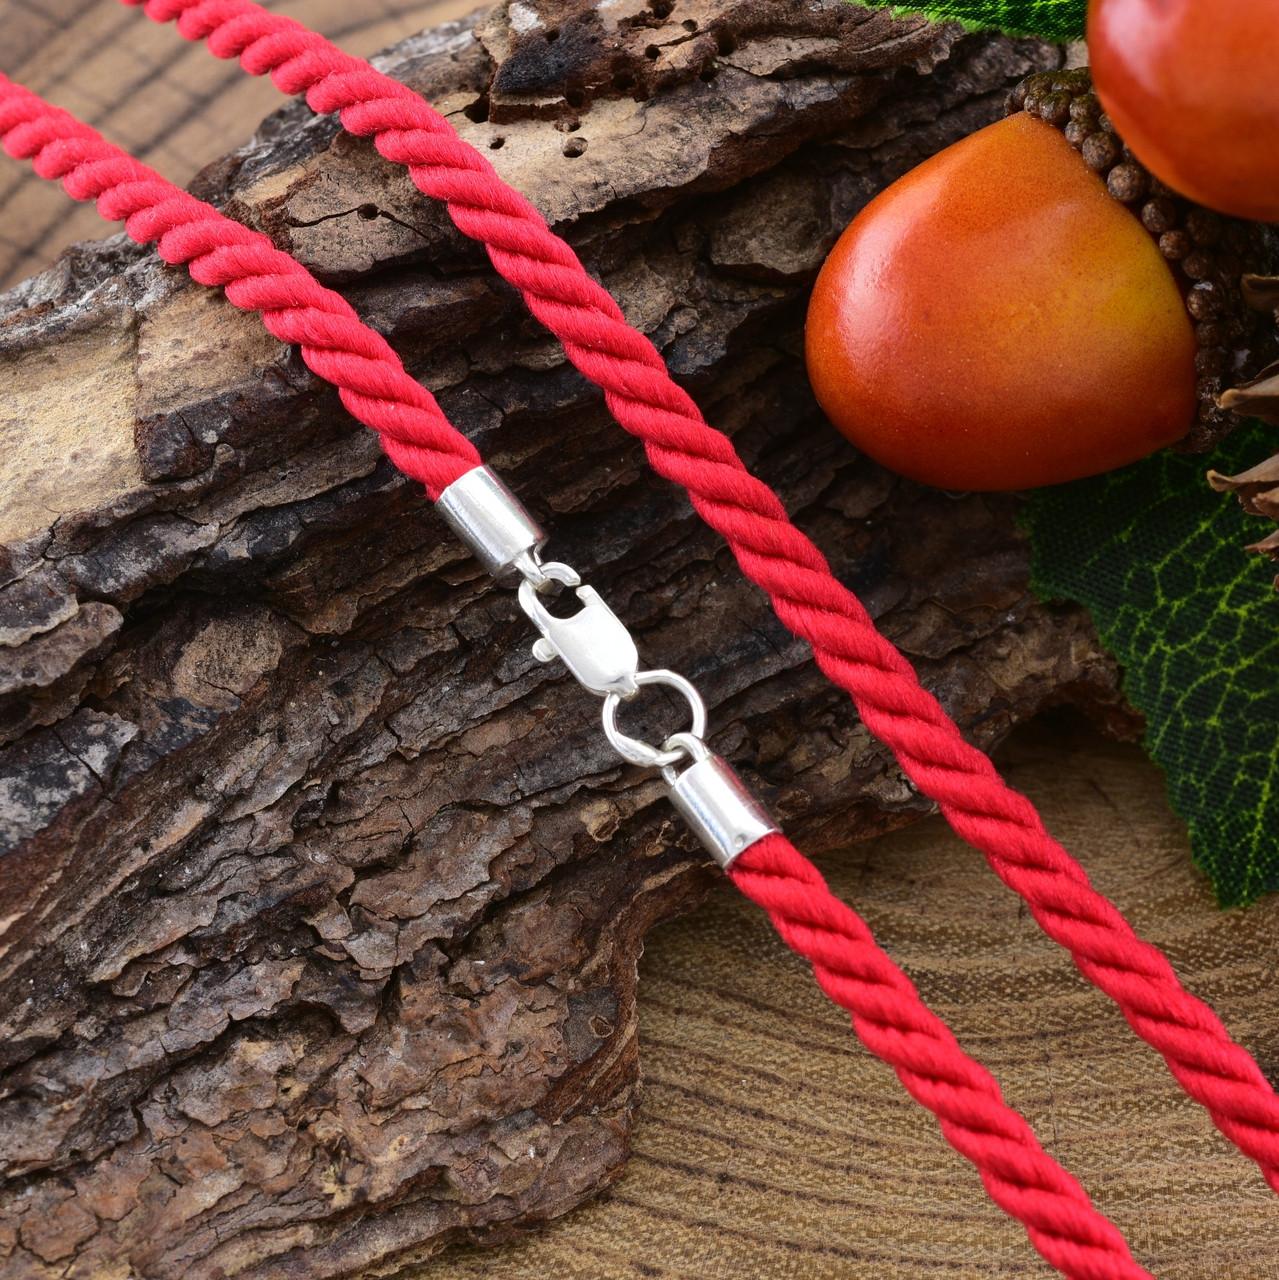 Шнурок плетённый шелковый цвет красный длина 40 см ширина 3 мм вес серебра 0.95 г